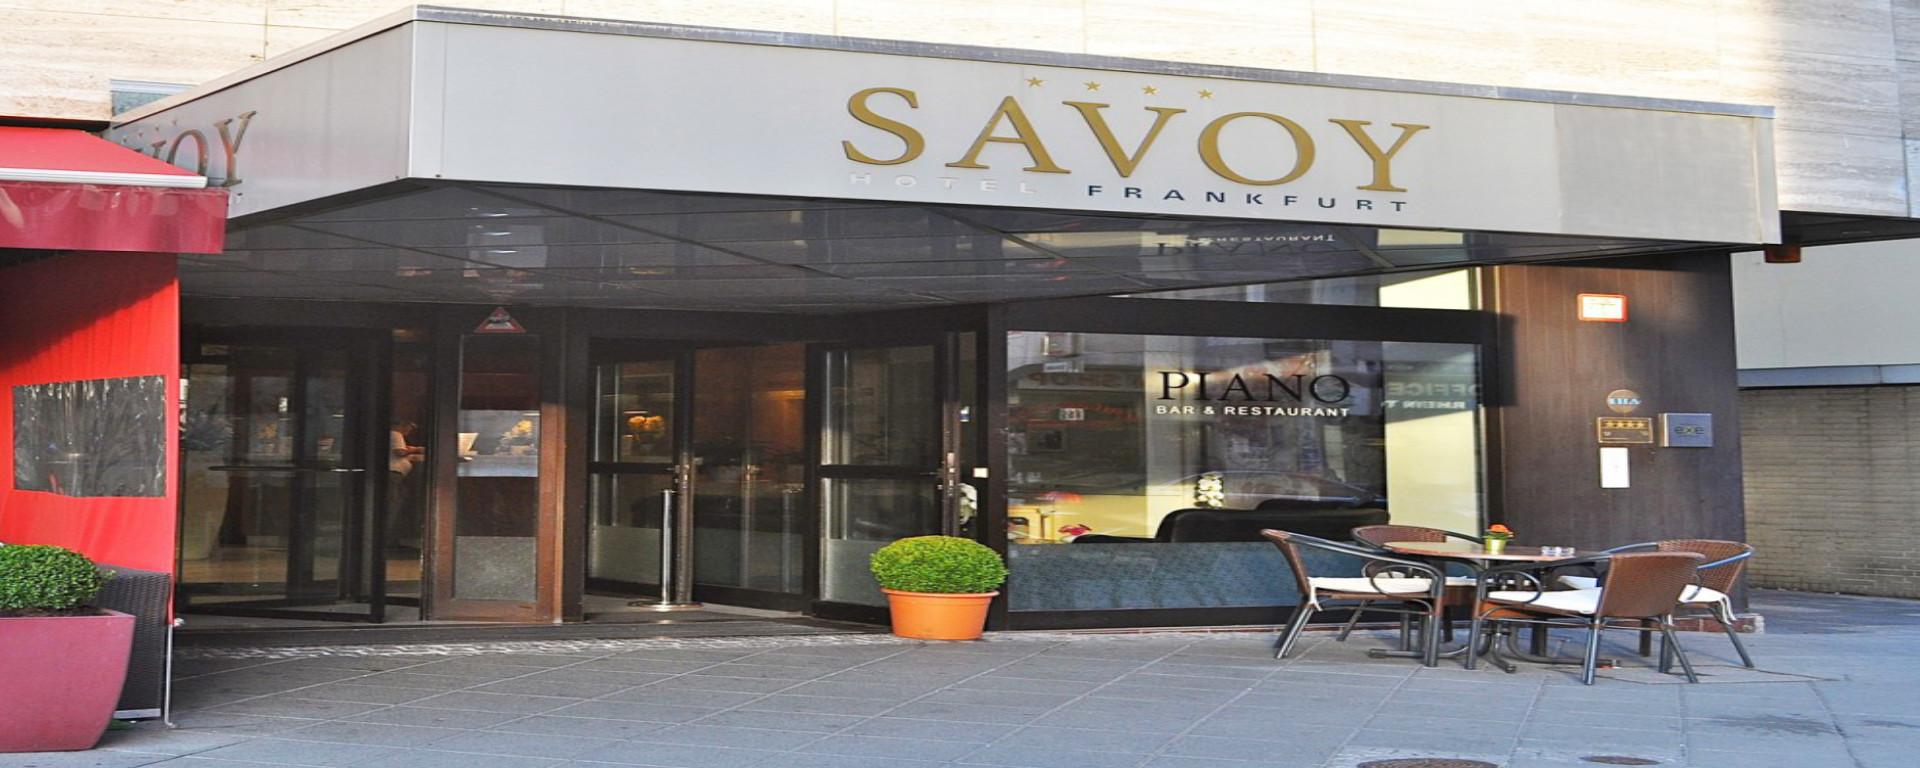 Herzlich Willkommen im First Class SAVOY Hotel BAR Frankfurt am Main